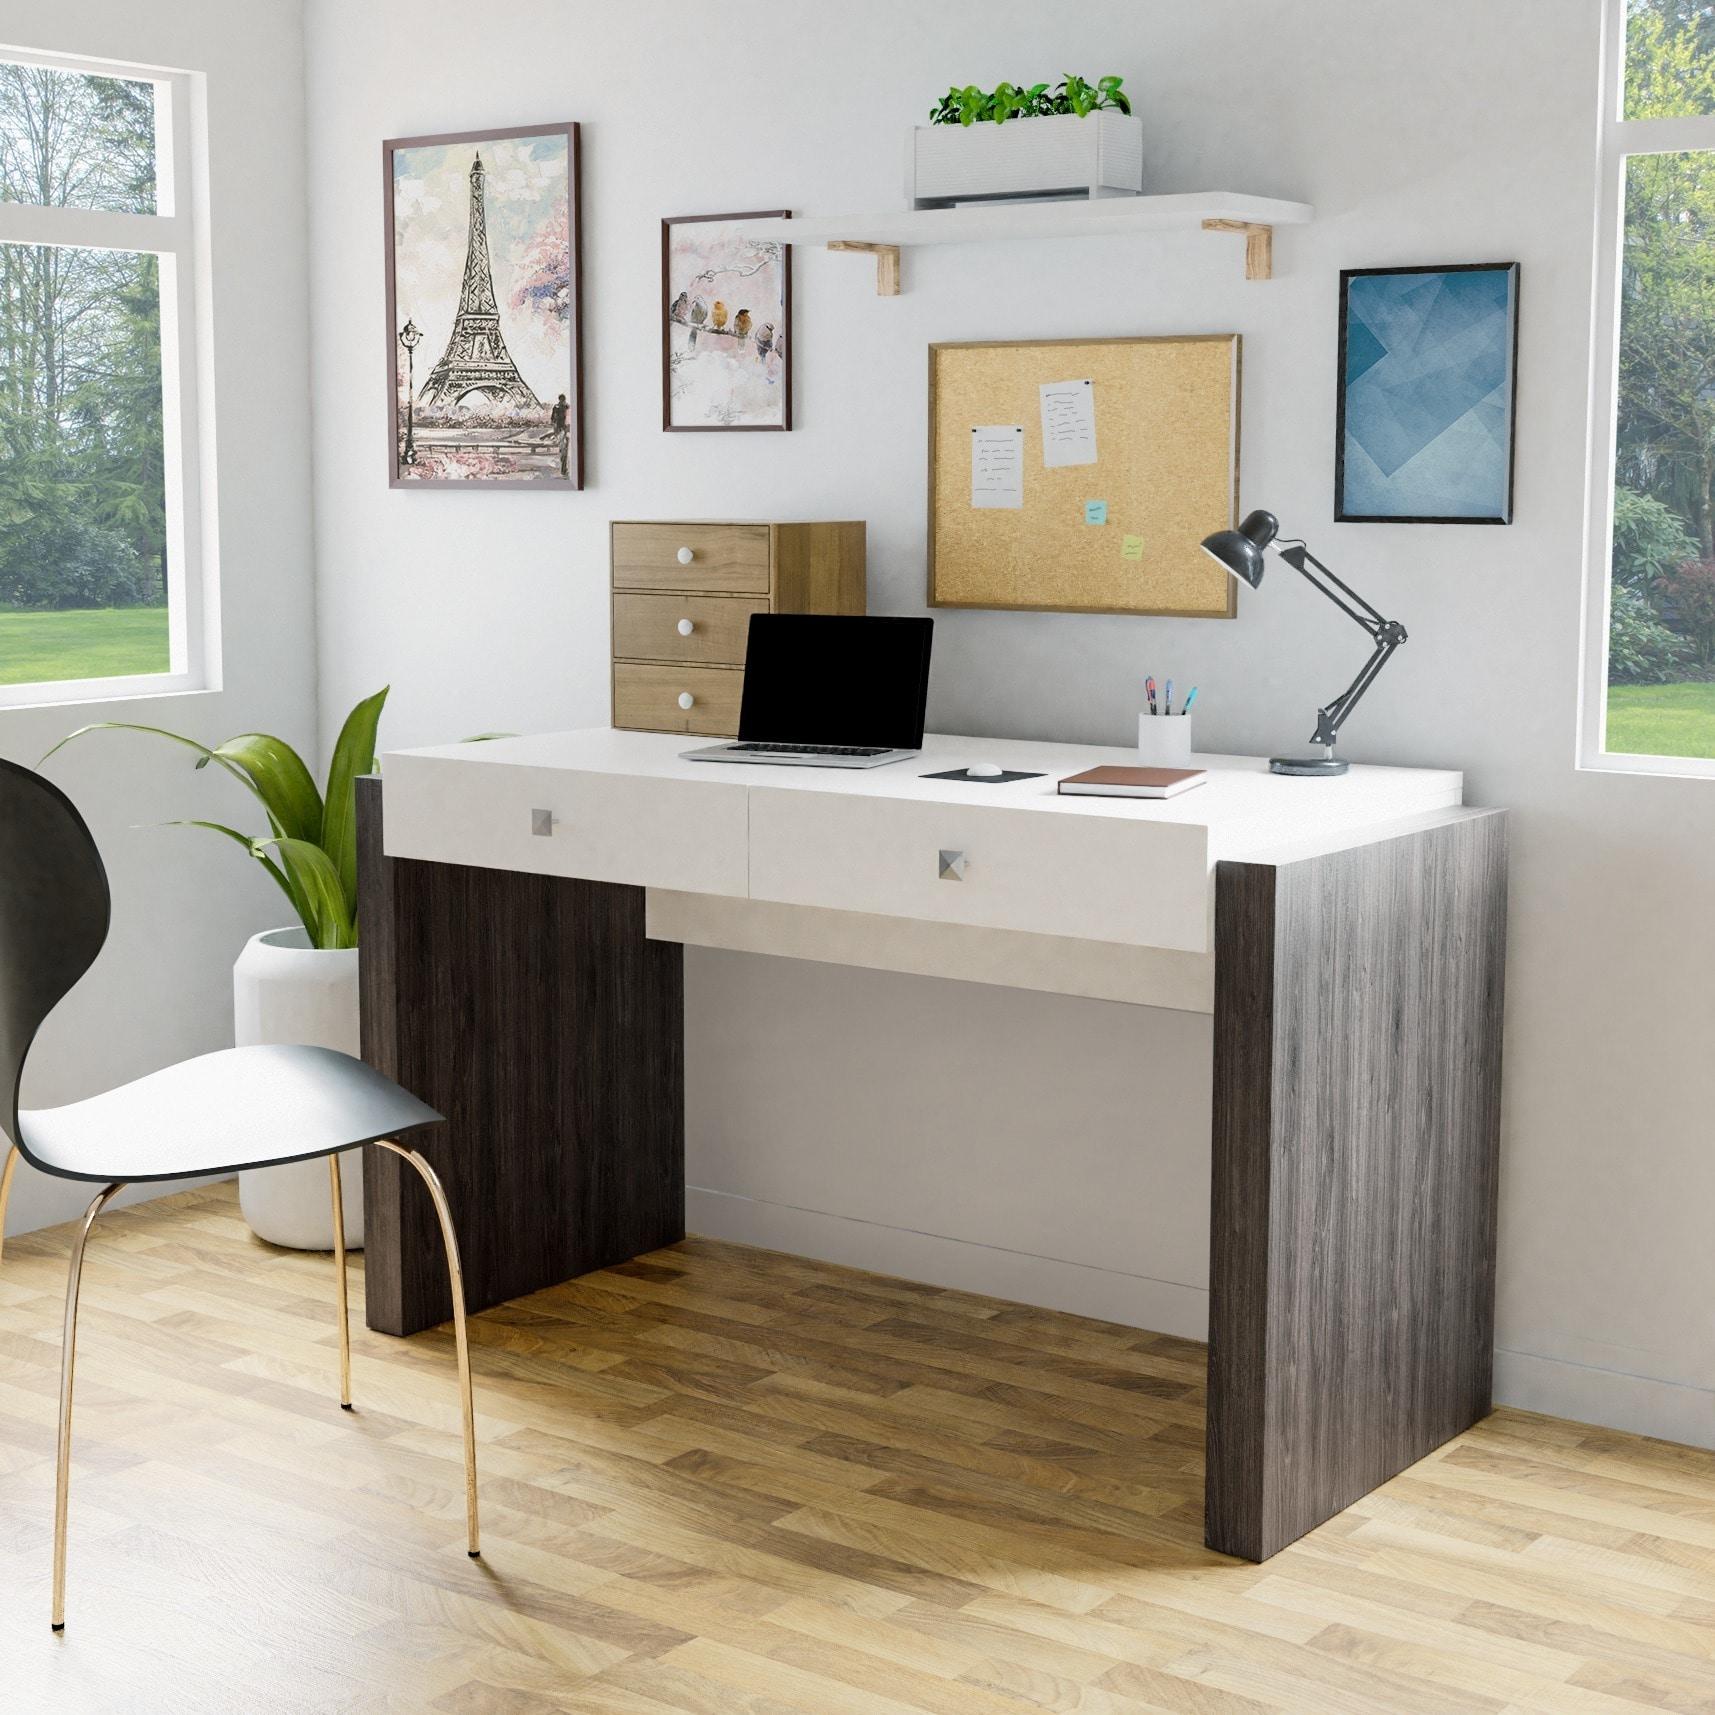 Furniture Of America Zilo Contemporary White 51 Inch Desk